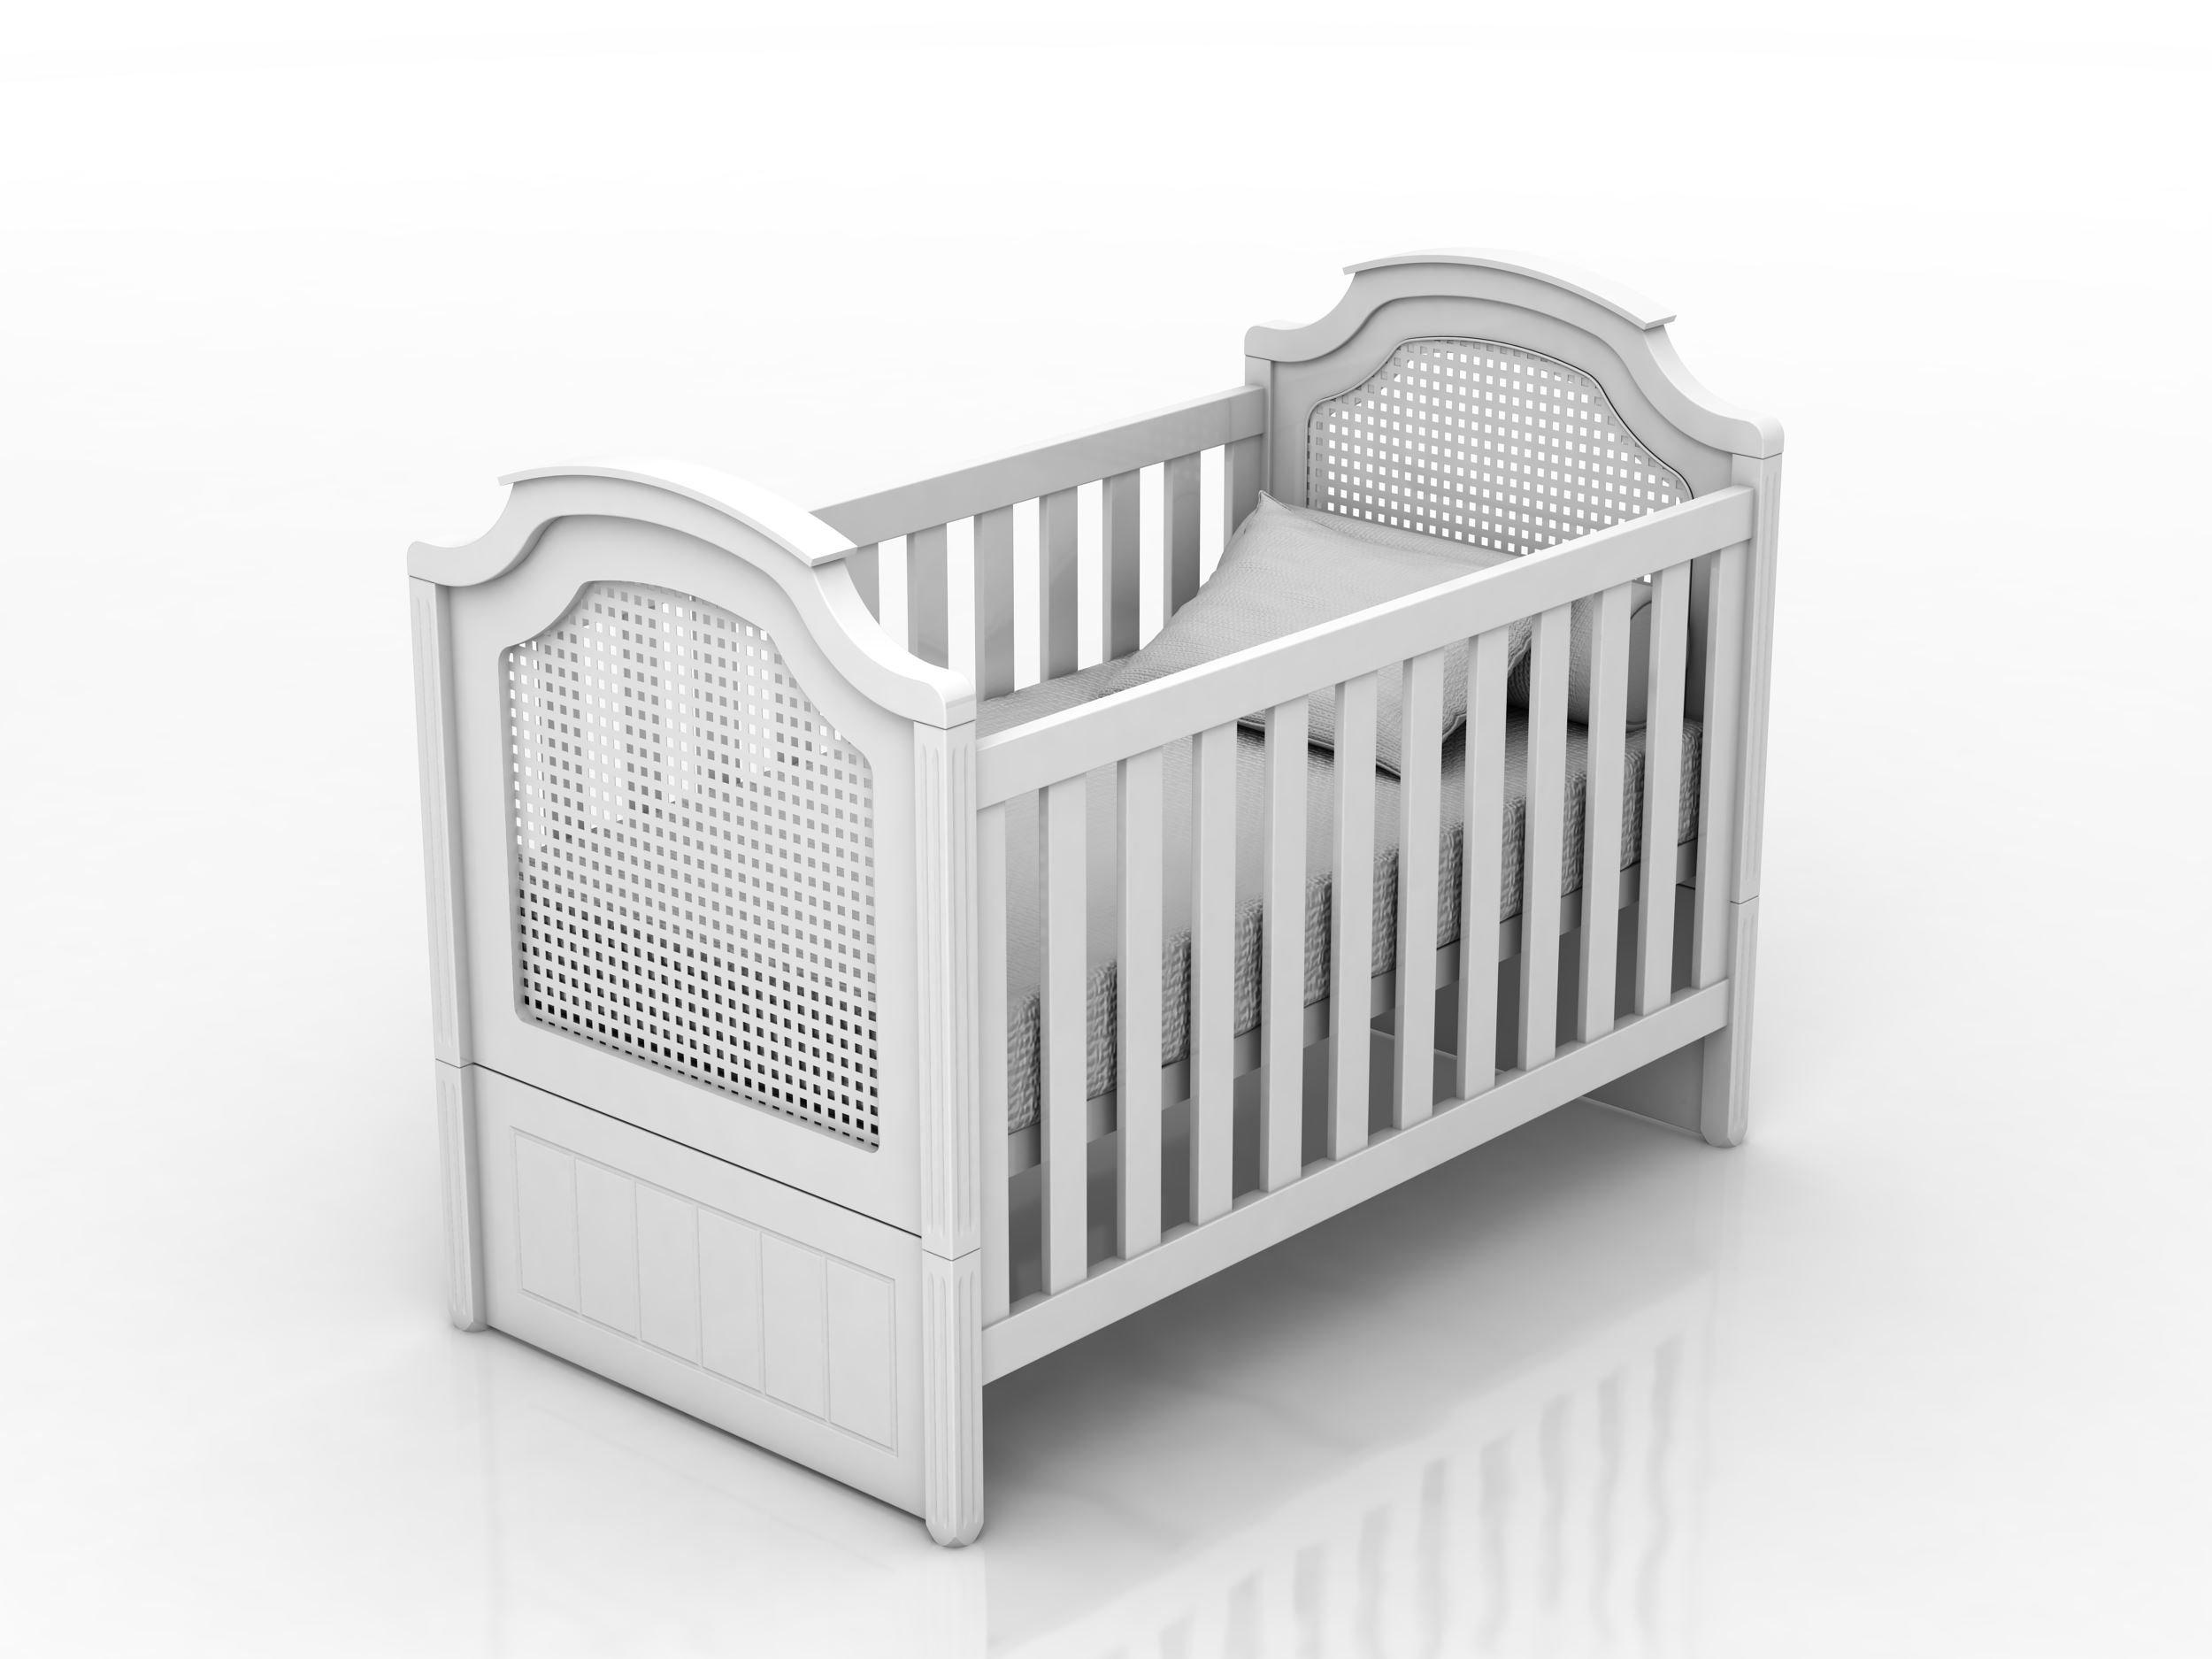 Bilila Baby berço Classic com aplicação de Rattan estilo provençal na cor branco fosco